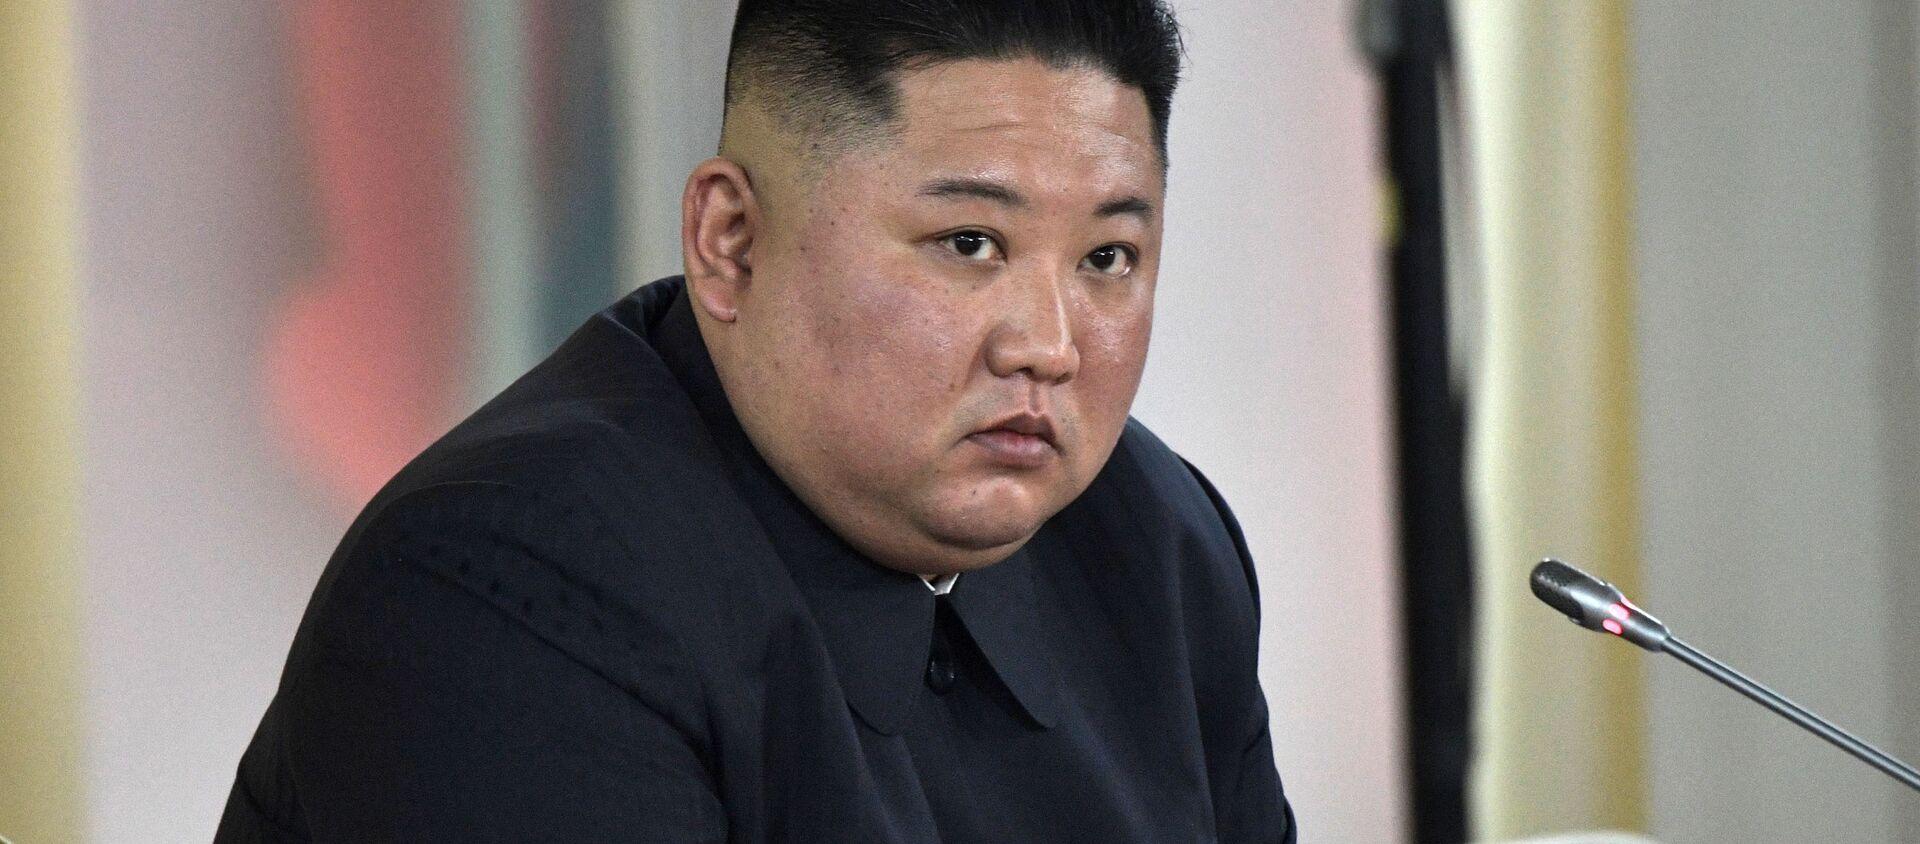 Nhà lãnh đạo Triều Tiên Kim Jong-un. - Sputnik Việt Nam, 1920, 09.04.2021